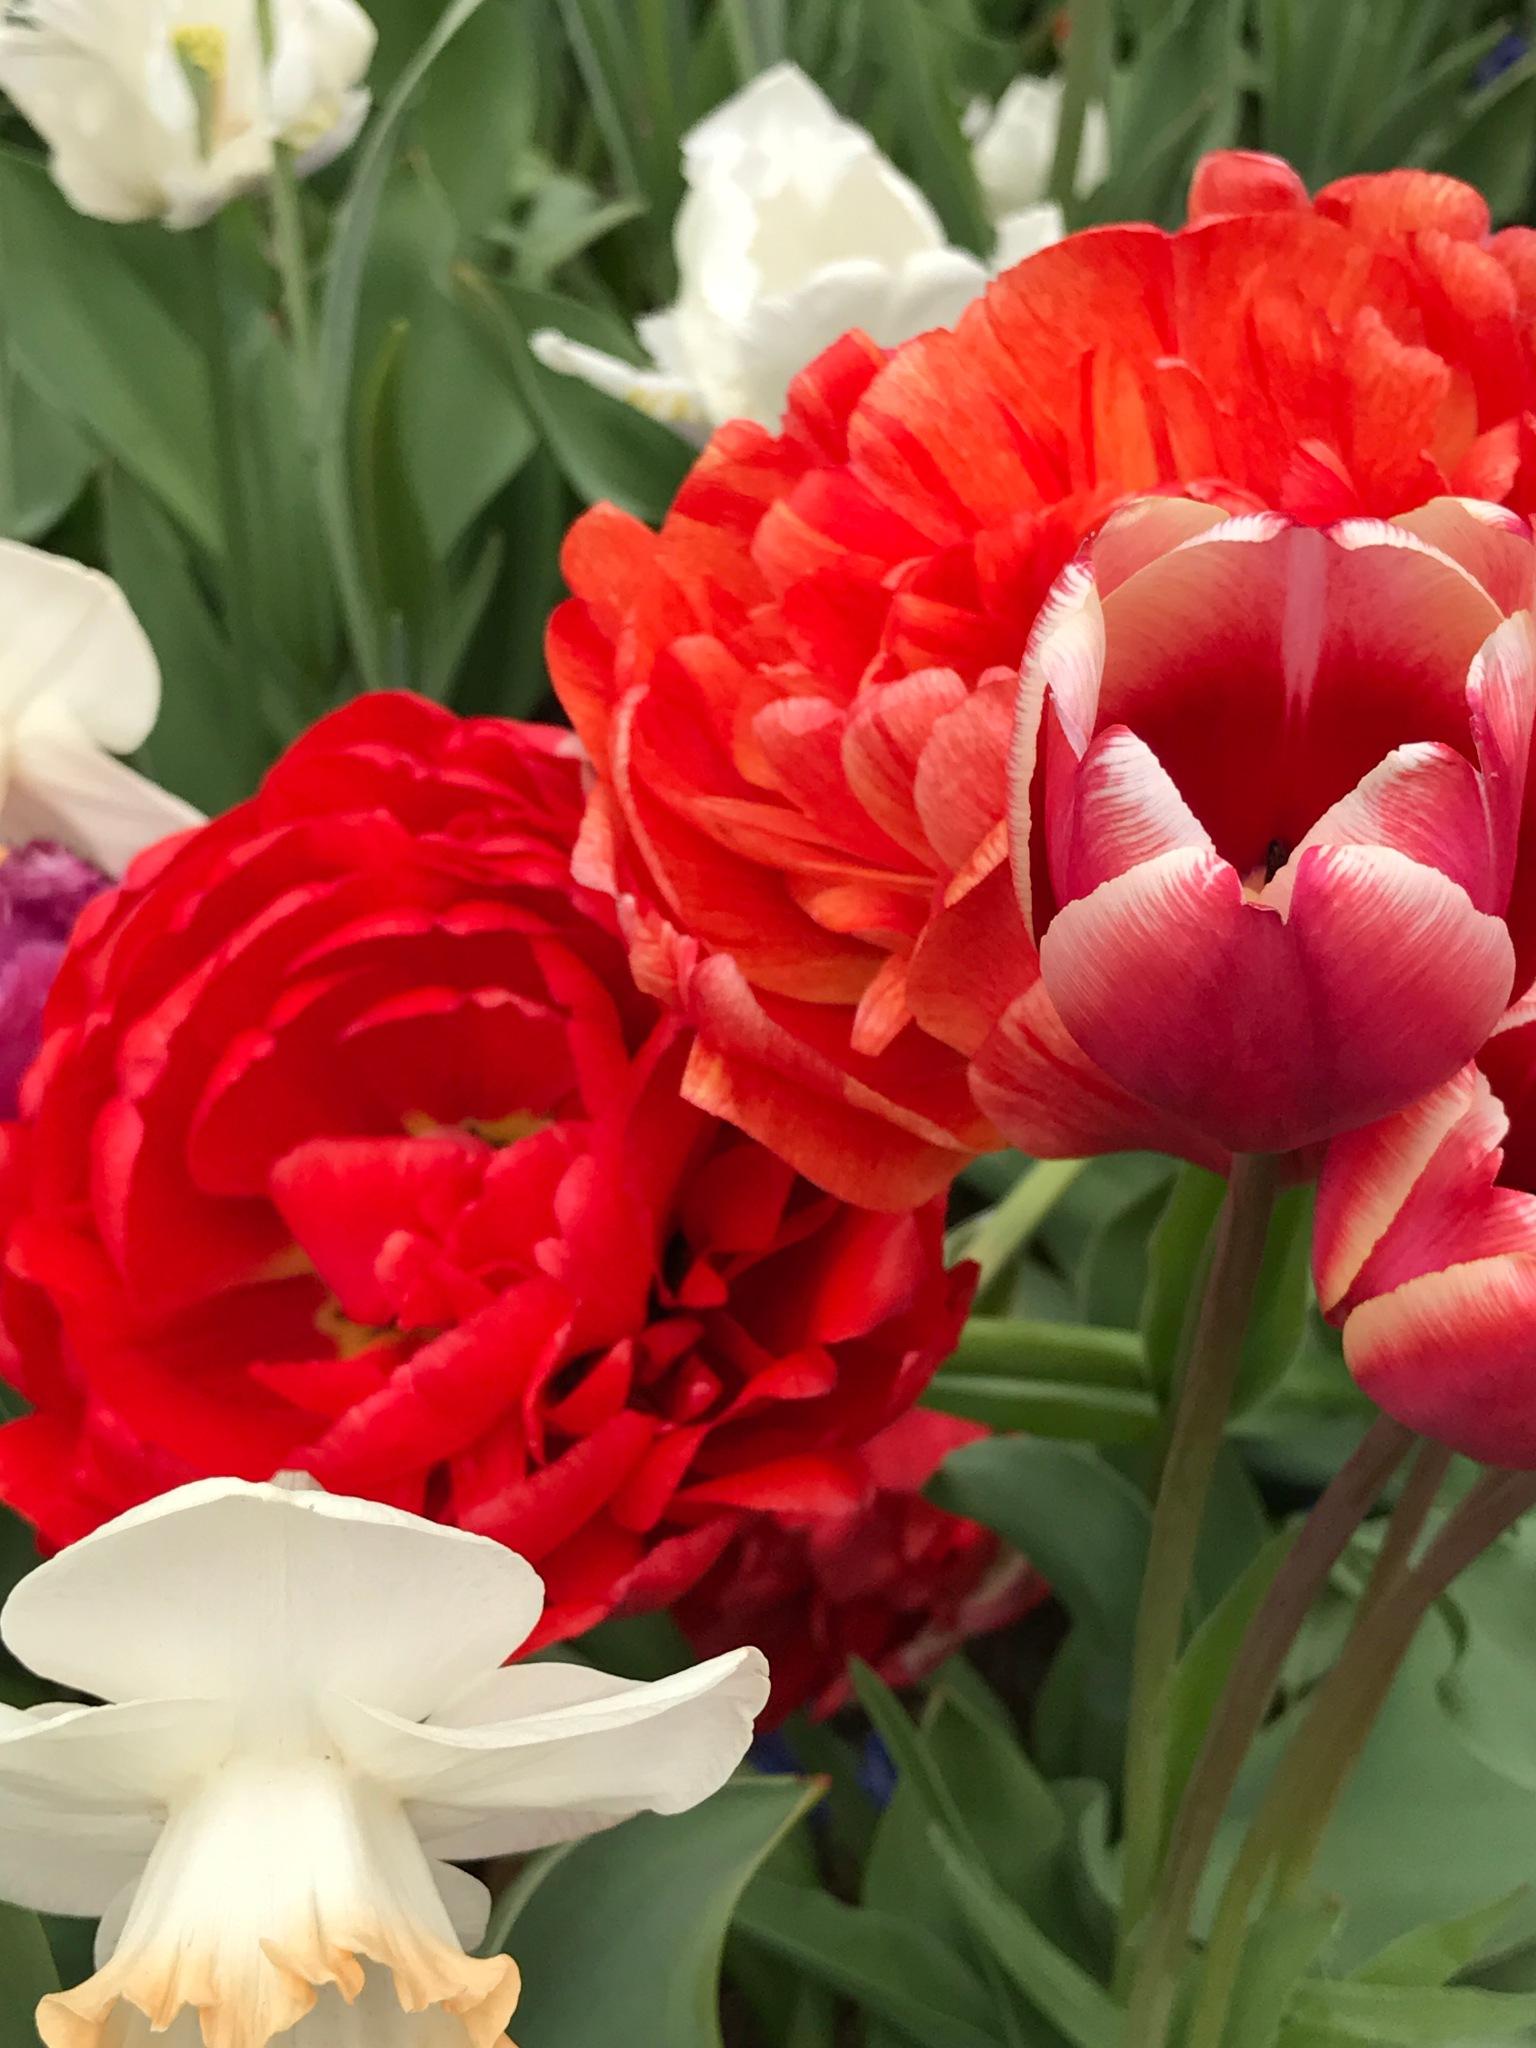 Tulip fields by Darren Juden Gardner